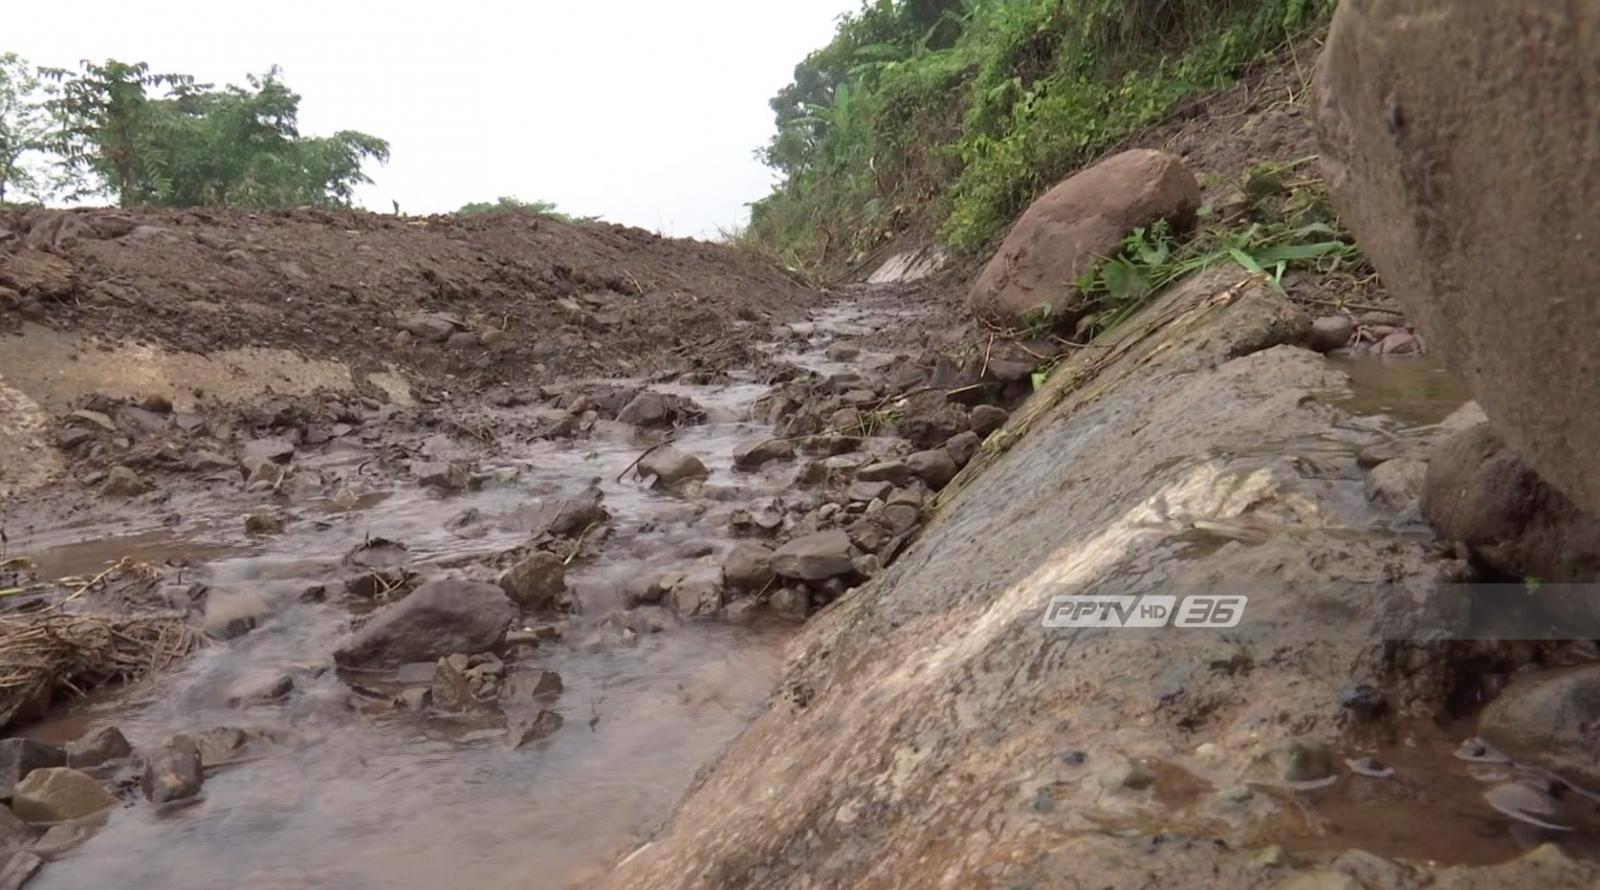 สร้างถนนคร่อมทางน้ำเดิม สาเหตุถนนทางขึ้นภูทับเบิกยุบตัว